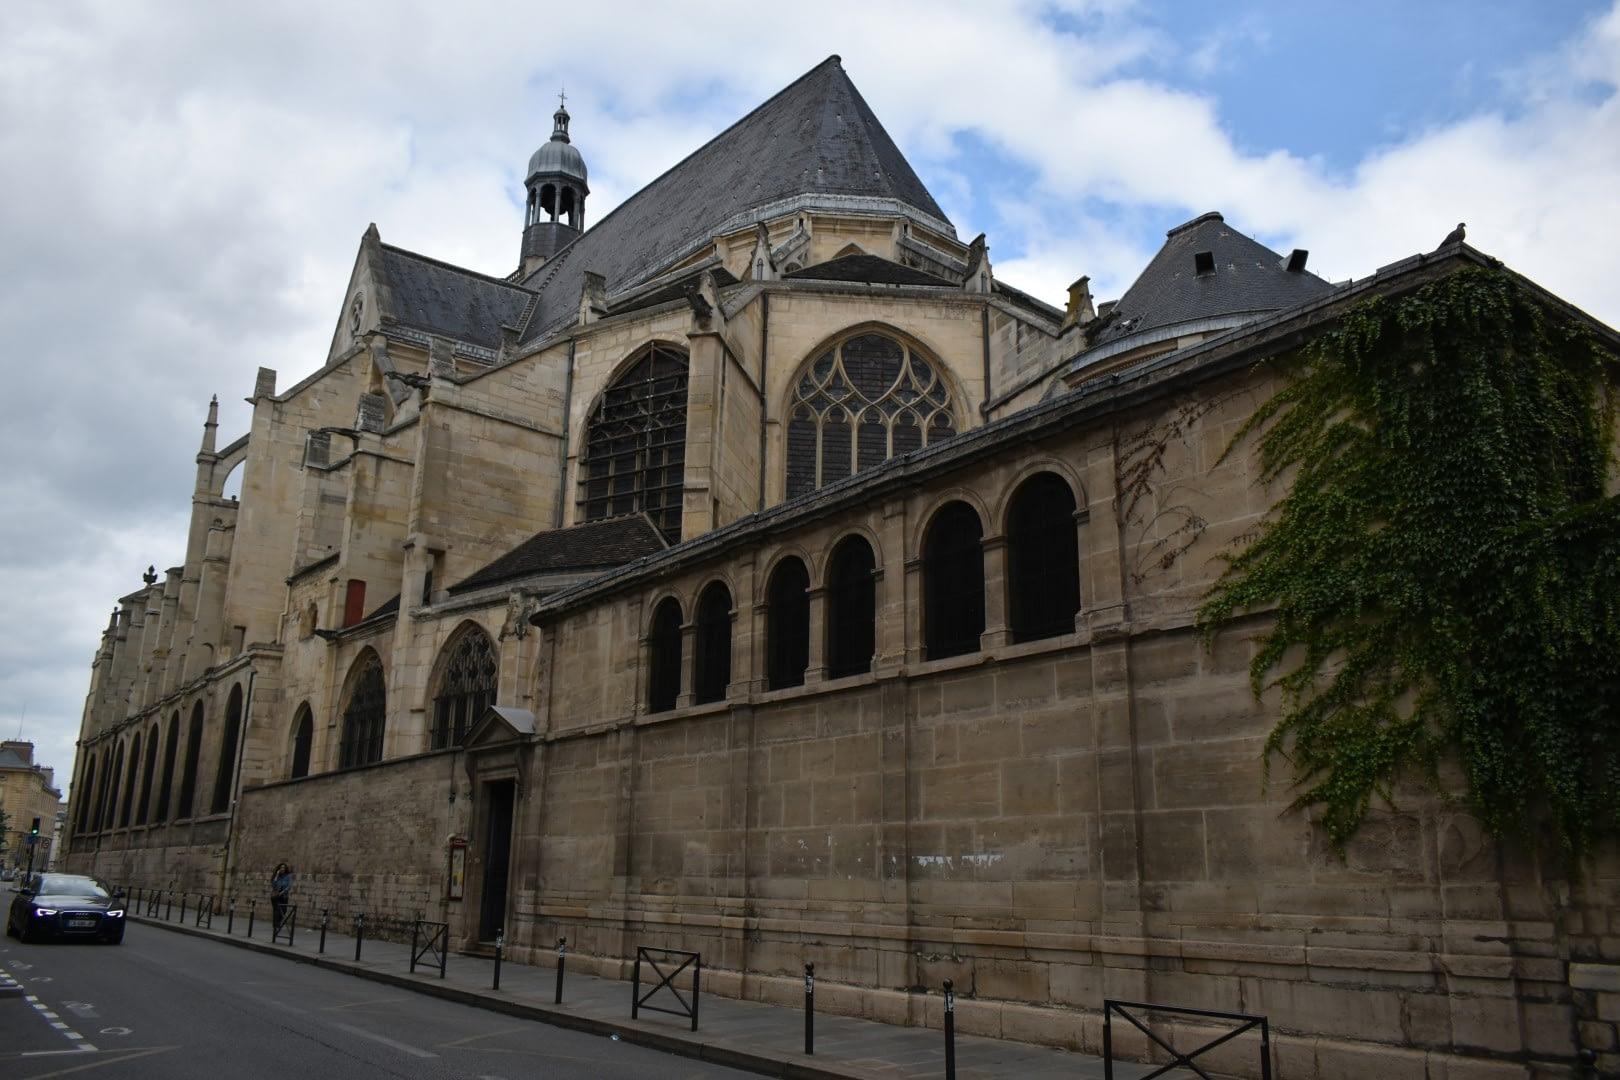 Saint-Étienne-du-Mont, Place Sainte-Geneviève, Paris